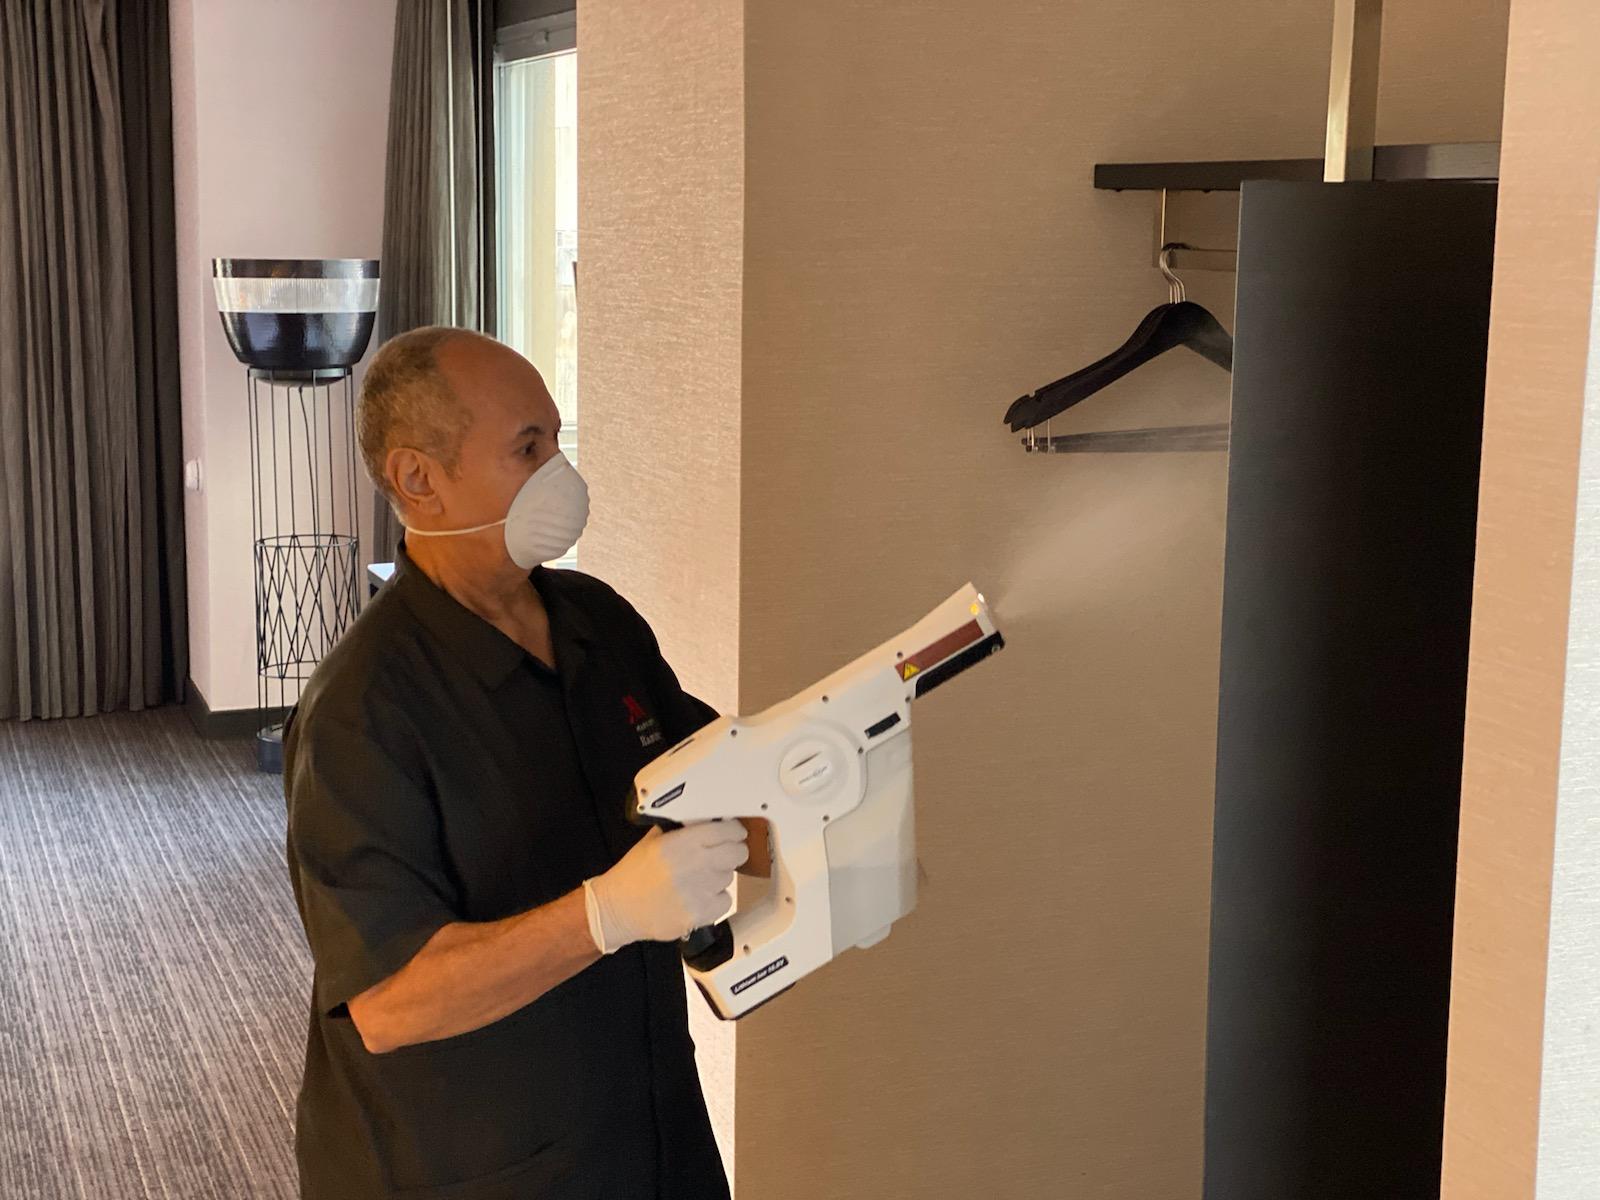 Marriott er på vej med nye programmer der yderligere skal forstærke rengøringen af kædens mange tusinde hoteller, såvel gæsteværelser som fællesområder. Pressefoto: Marriott International.